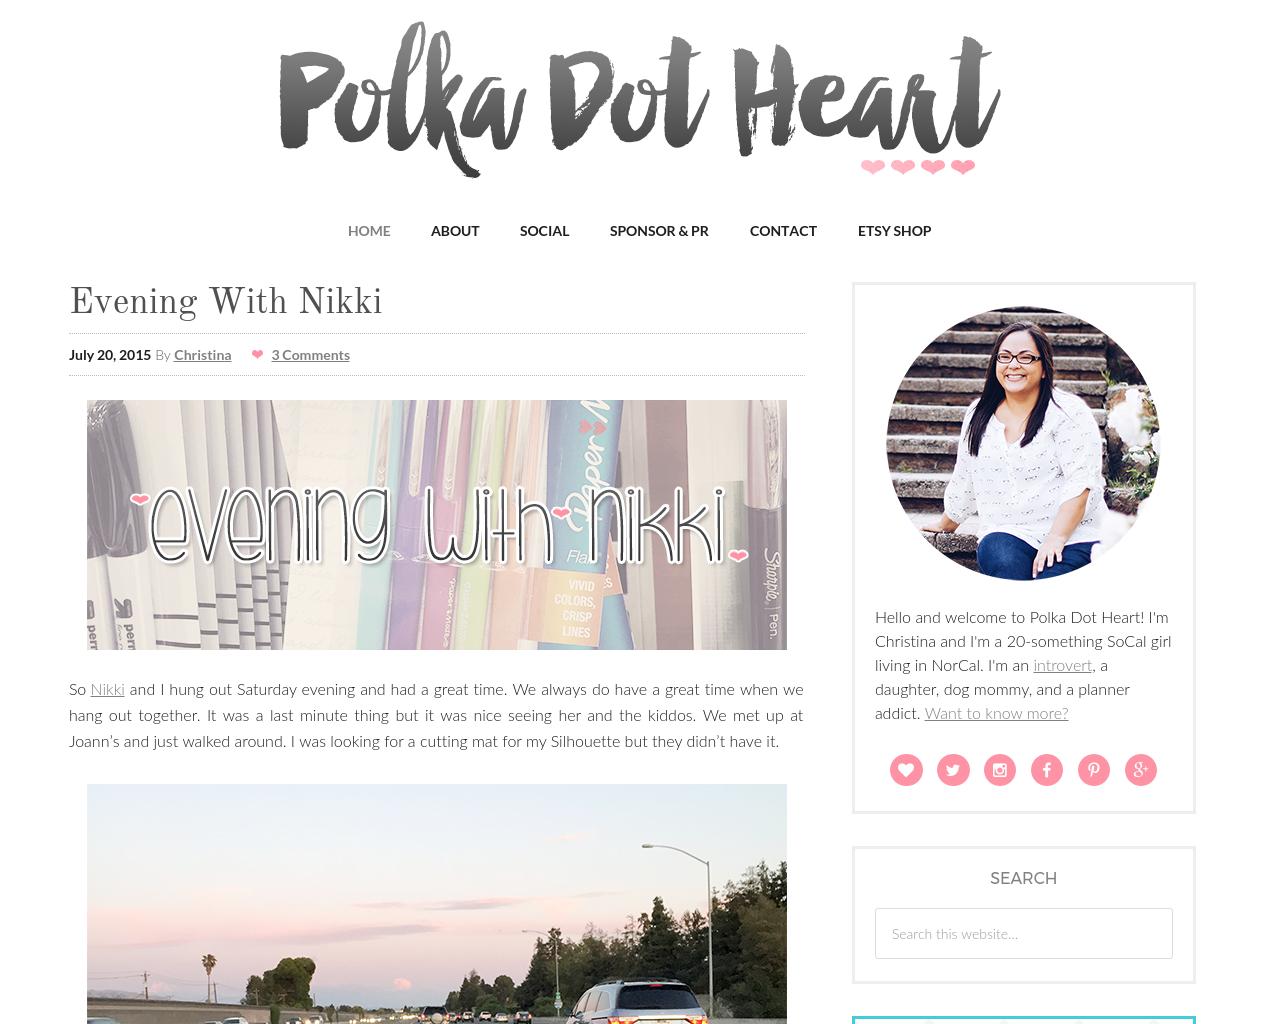 Polka-Dot-Heart-Advertising-Reviews-Pricing